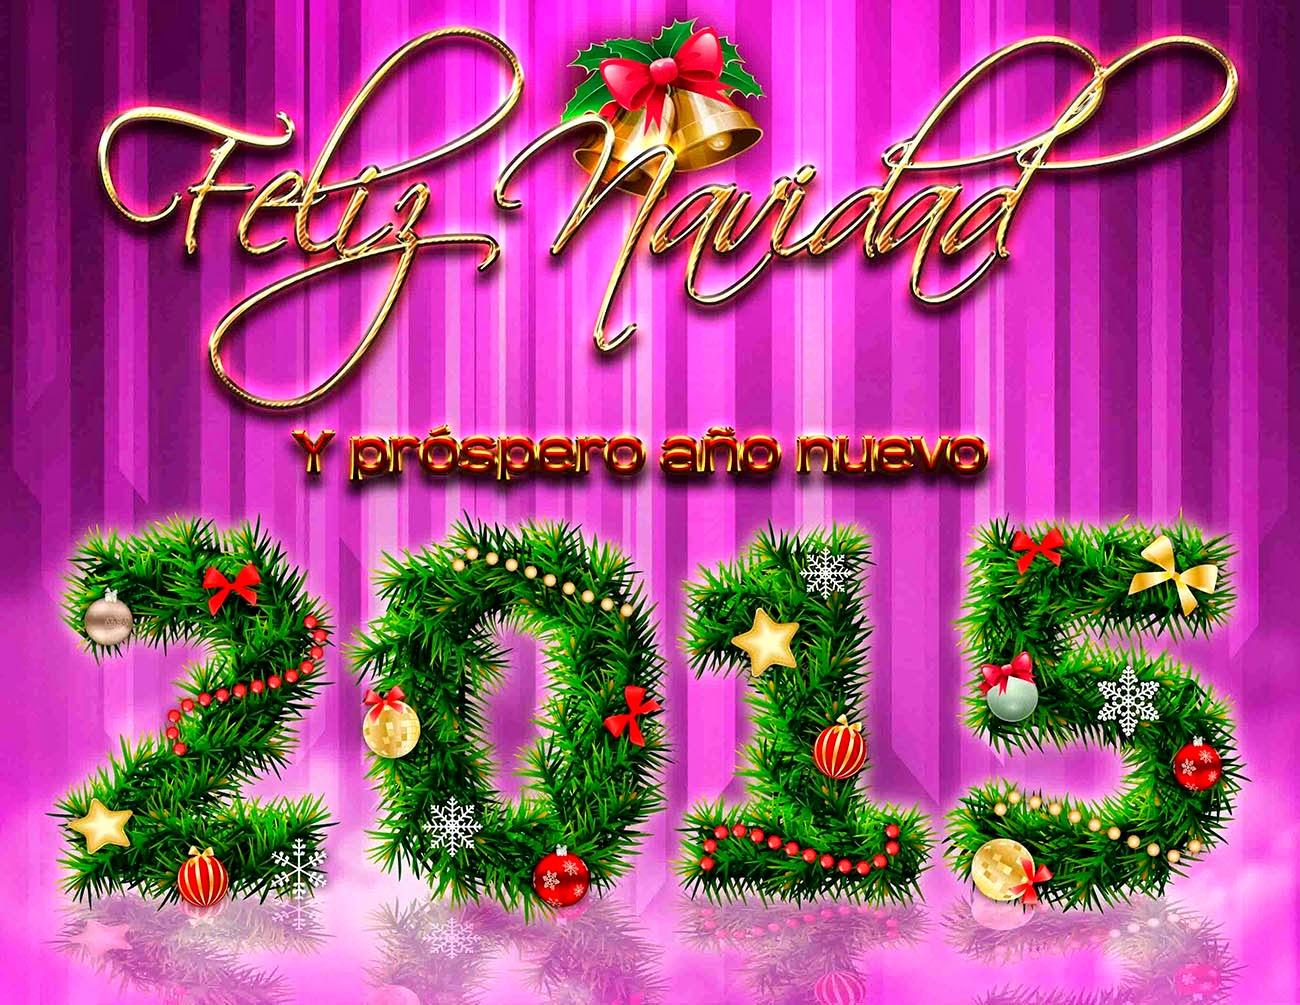 Buenos Días, Tardes, Noches DICIEMBRE 2014  FELIZ%2BNAVIDAD%2BY%2BPROSPERO%2BA%C3%91O%2BNUEVO%2B2015%2BPSD